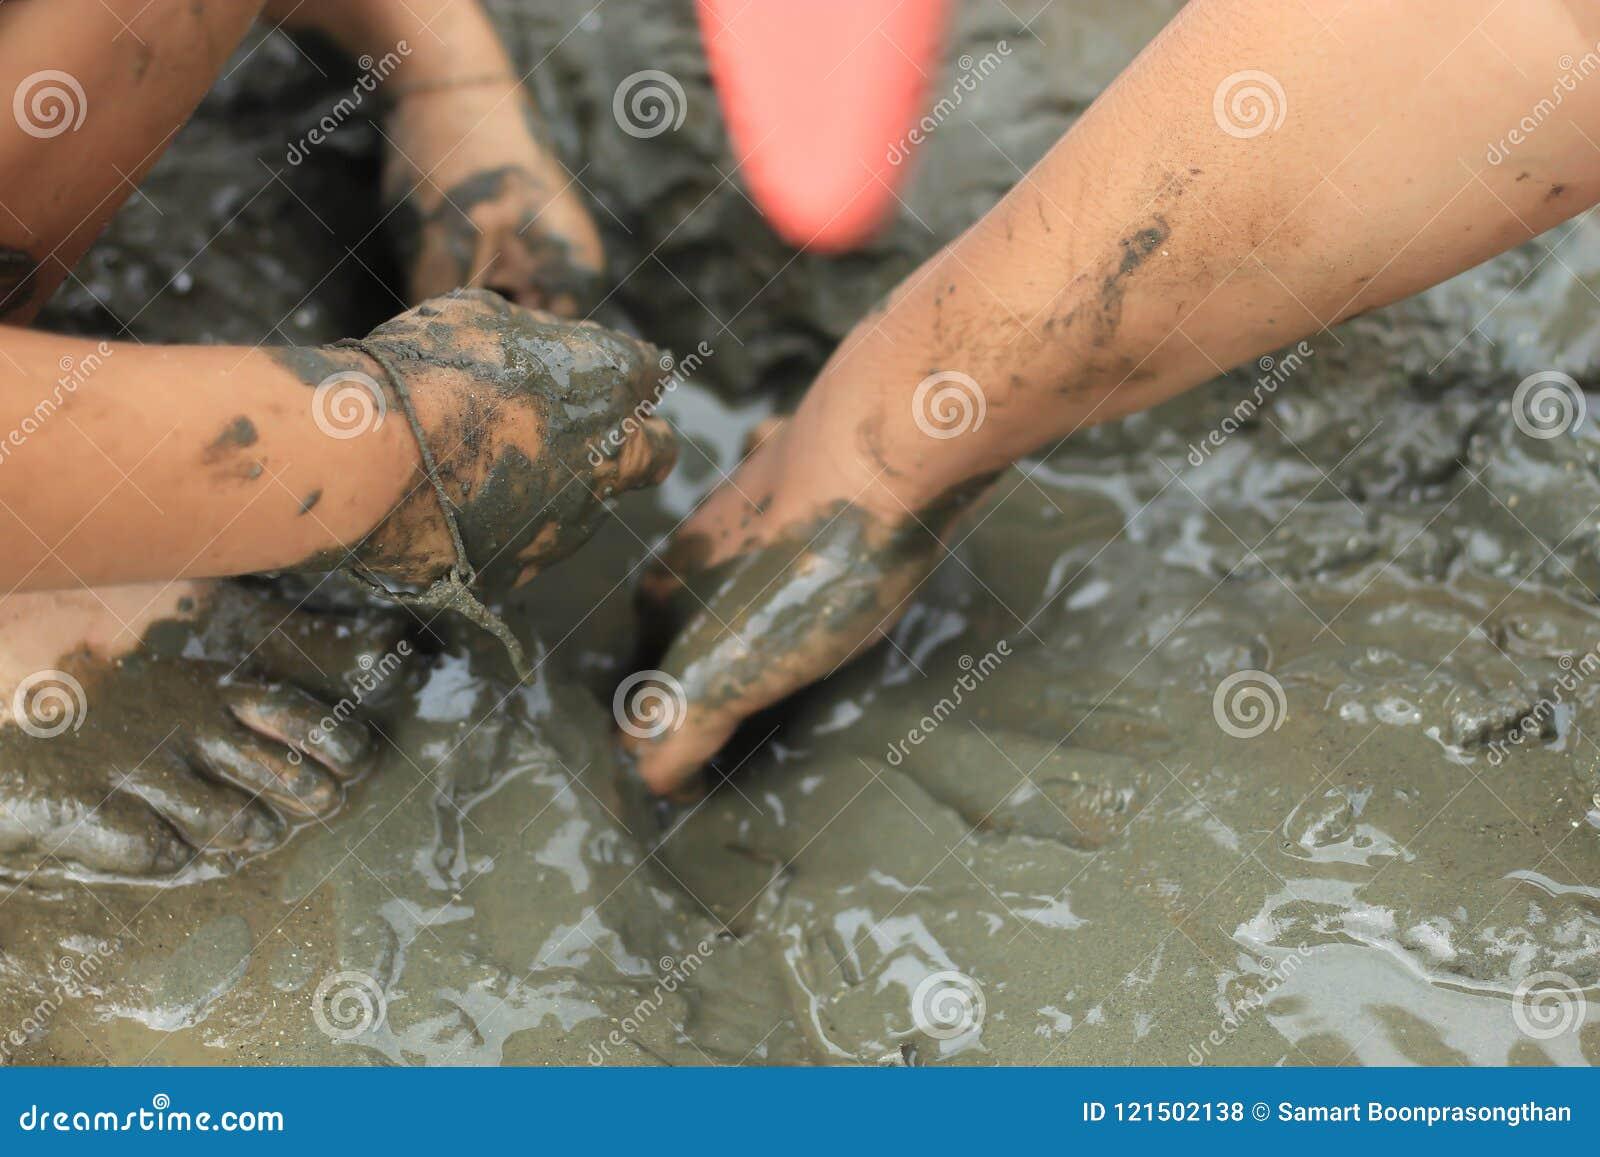 寻找在海底泥的男孩蜗牛壳